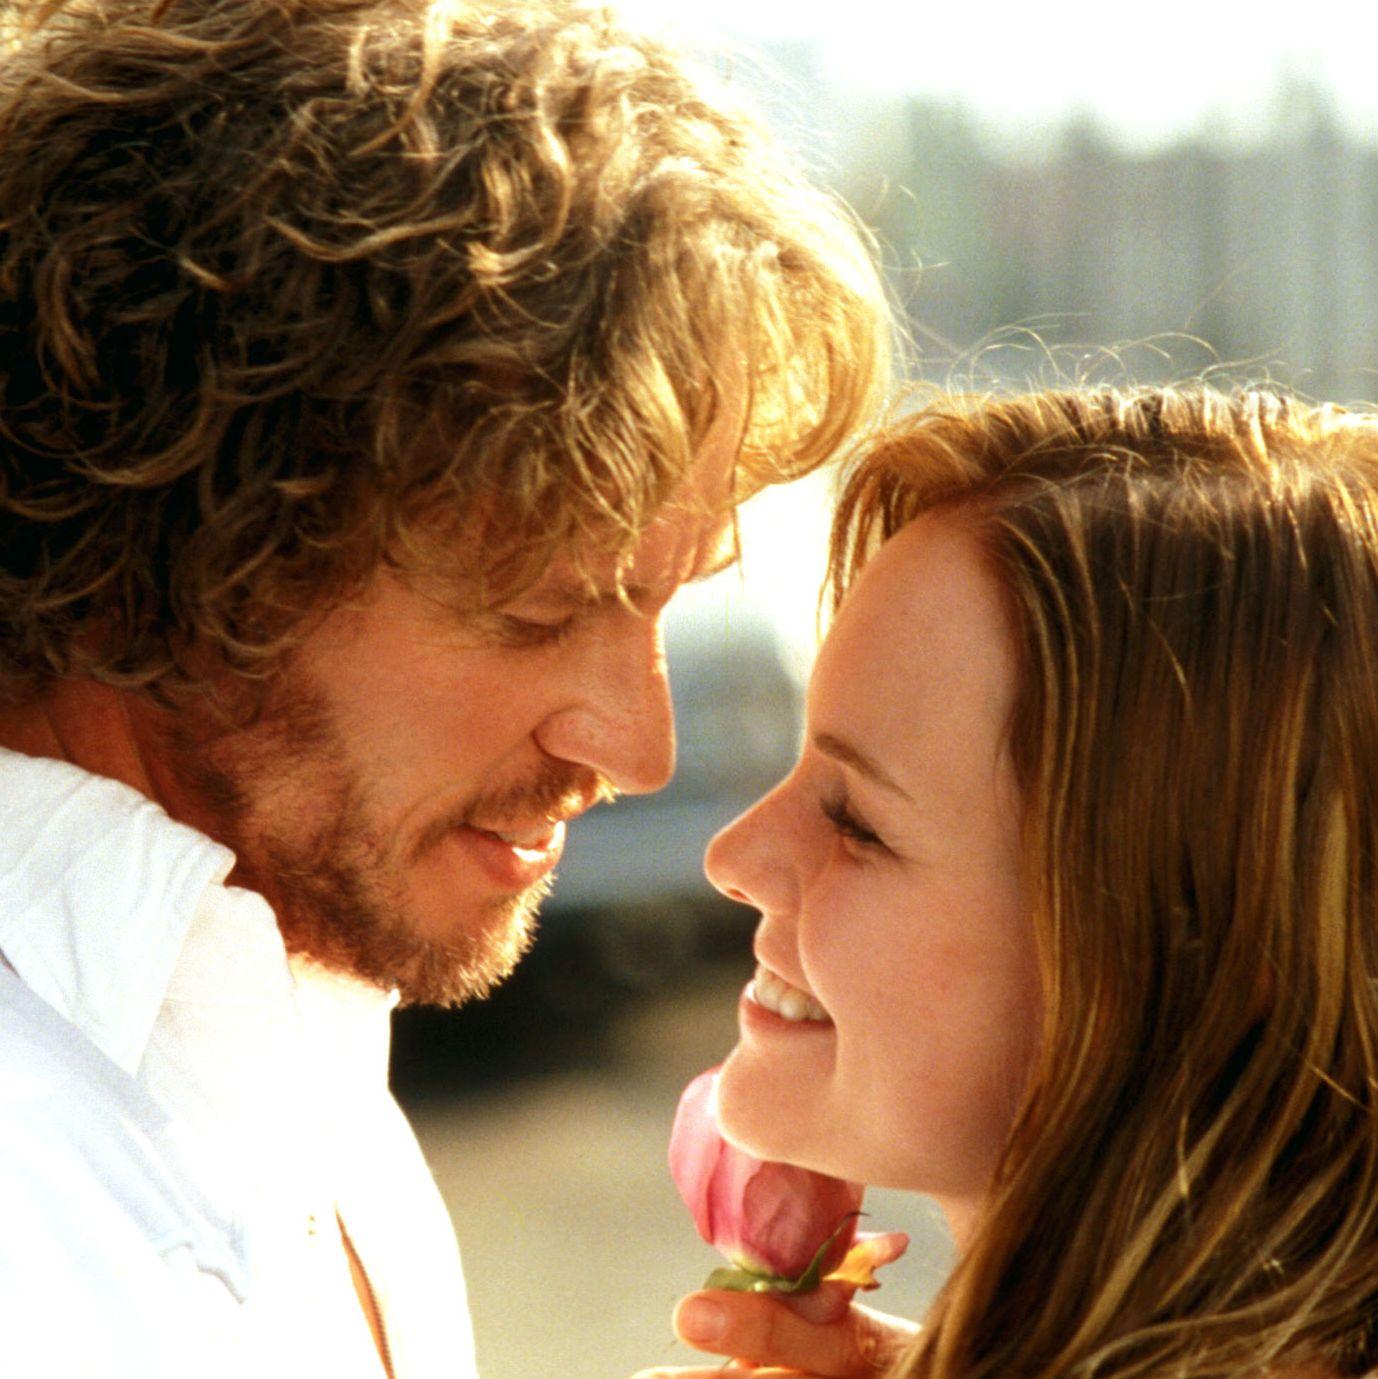 Dragoste, Iubire, Interactiune, Fericit, Distractie, Gest, Zambet,